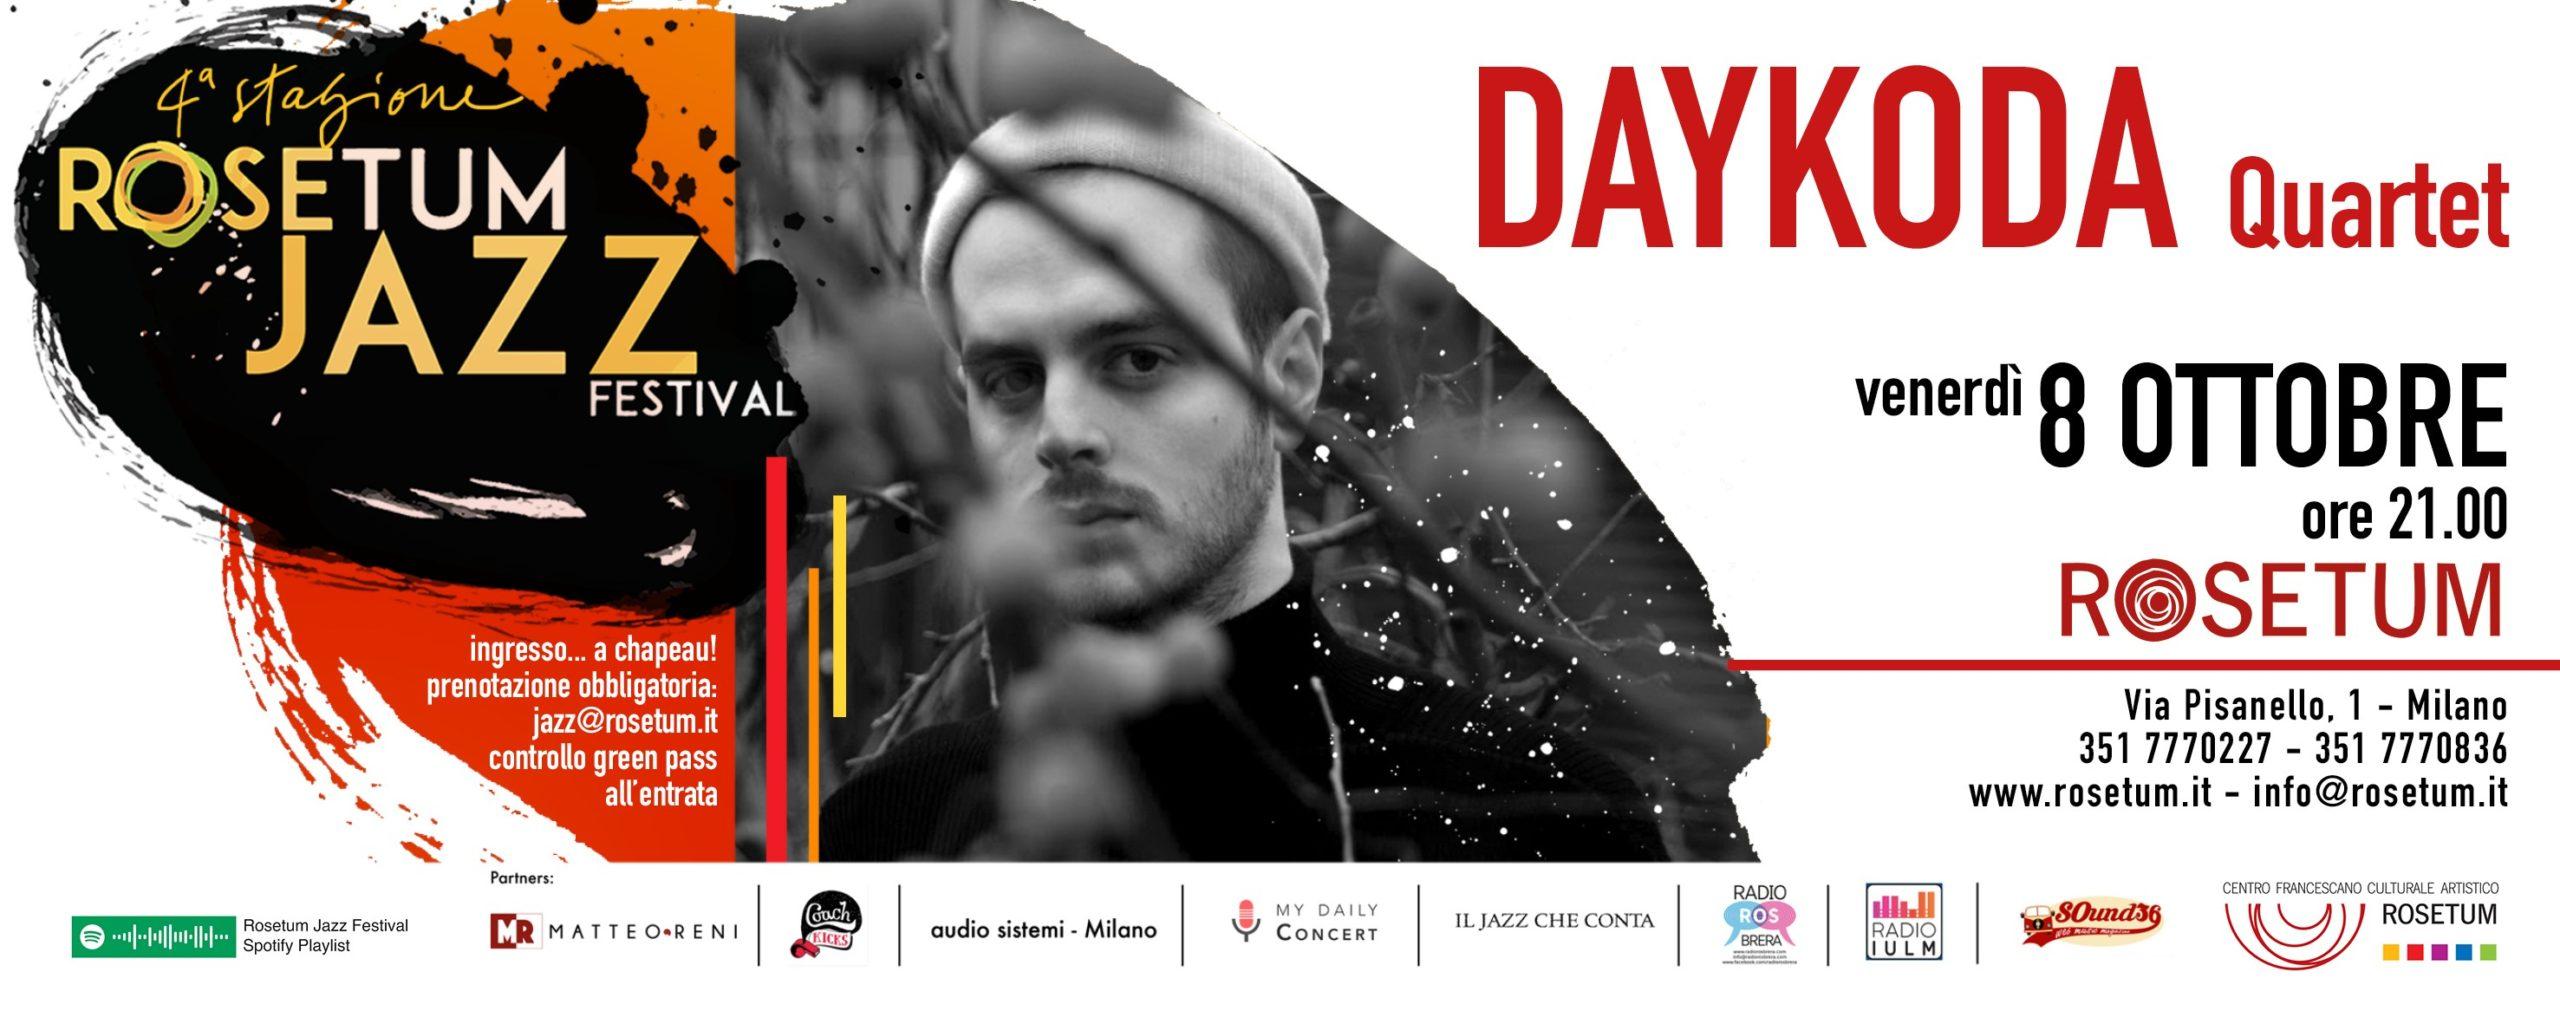 Rosetum Jazz Festival_Daykoda_quartet_8_ott_2021